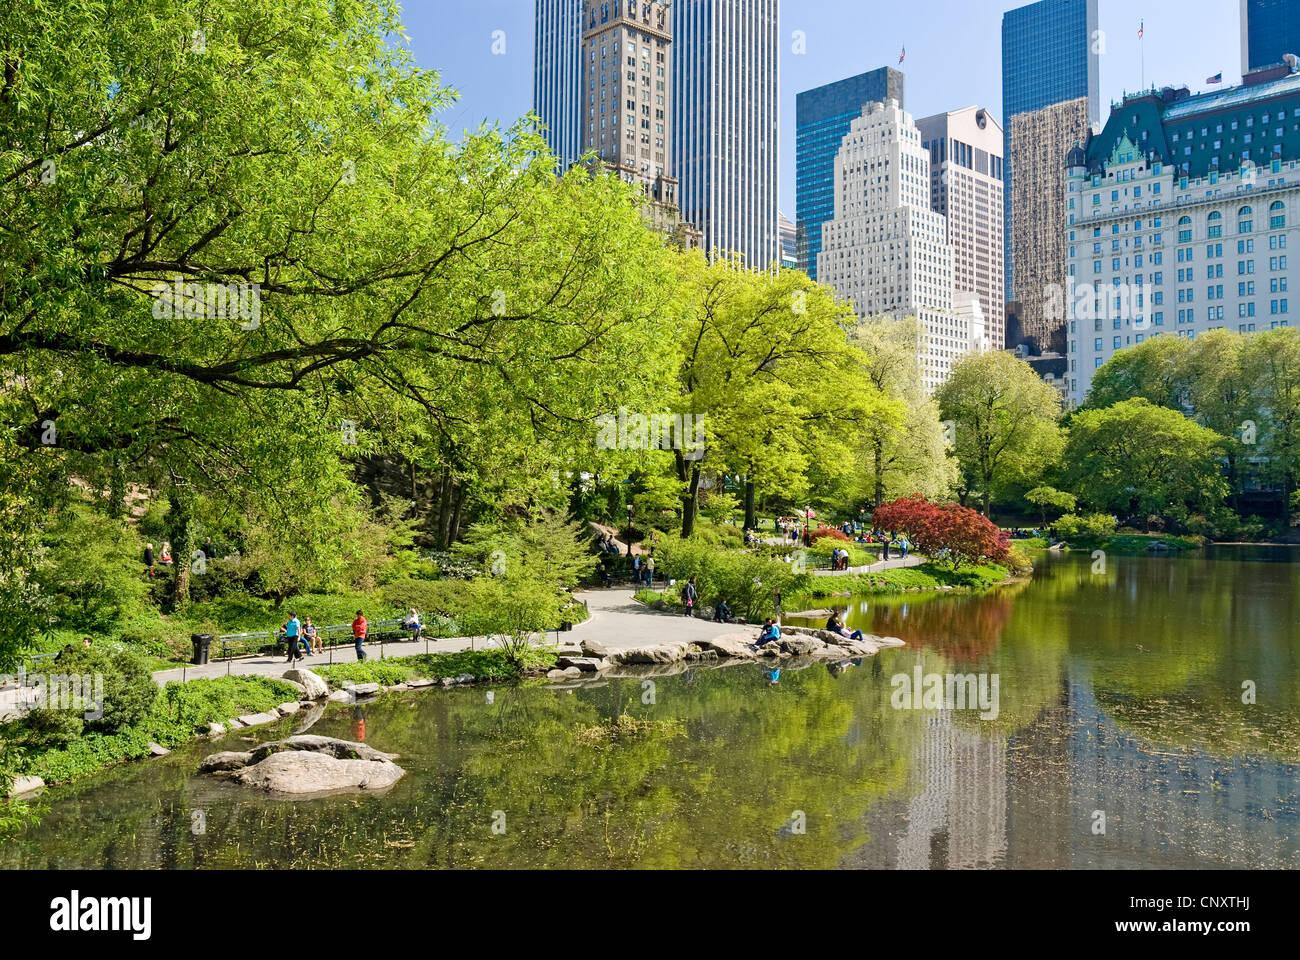 Central Park, la ciudad de Nueva York en la temporada de primavera con el Hotel Plaza. Imagen De Stock